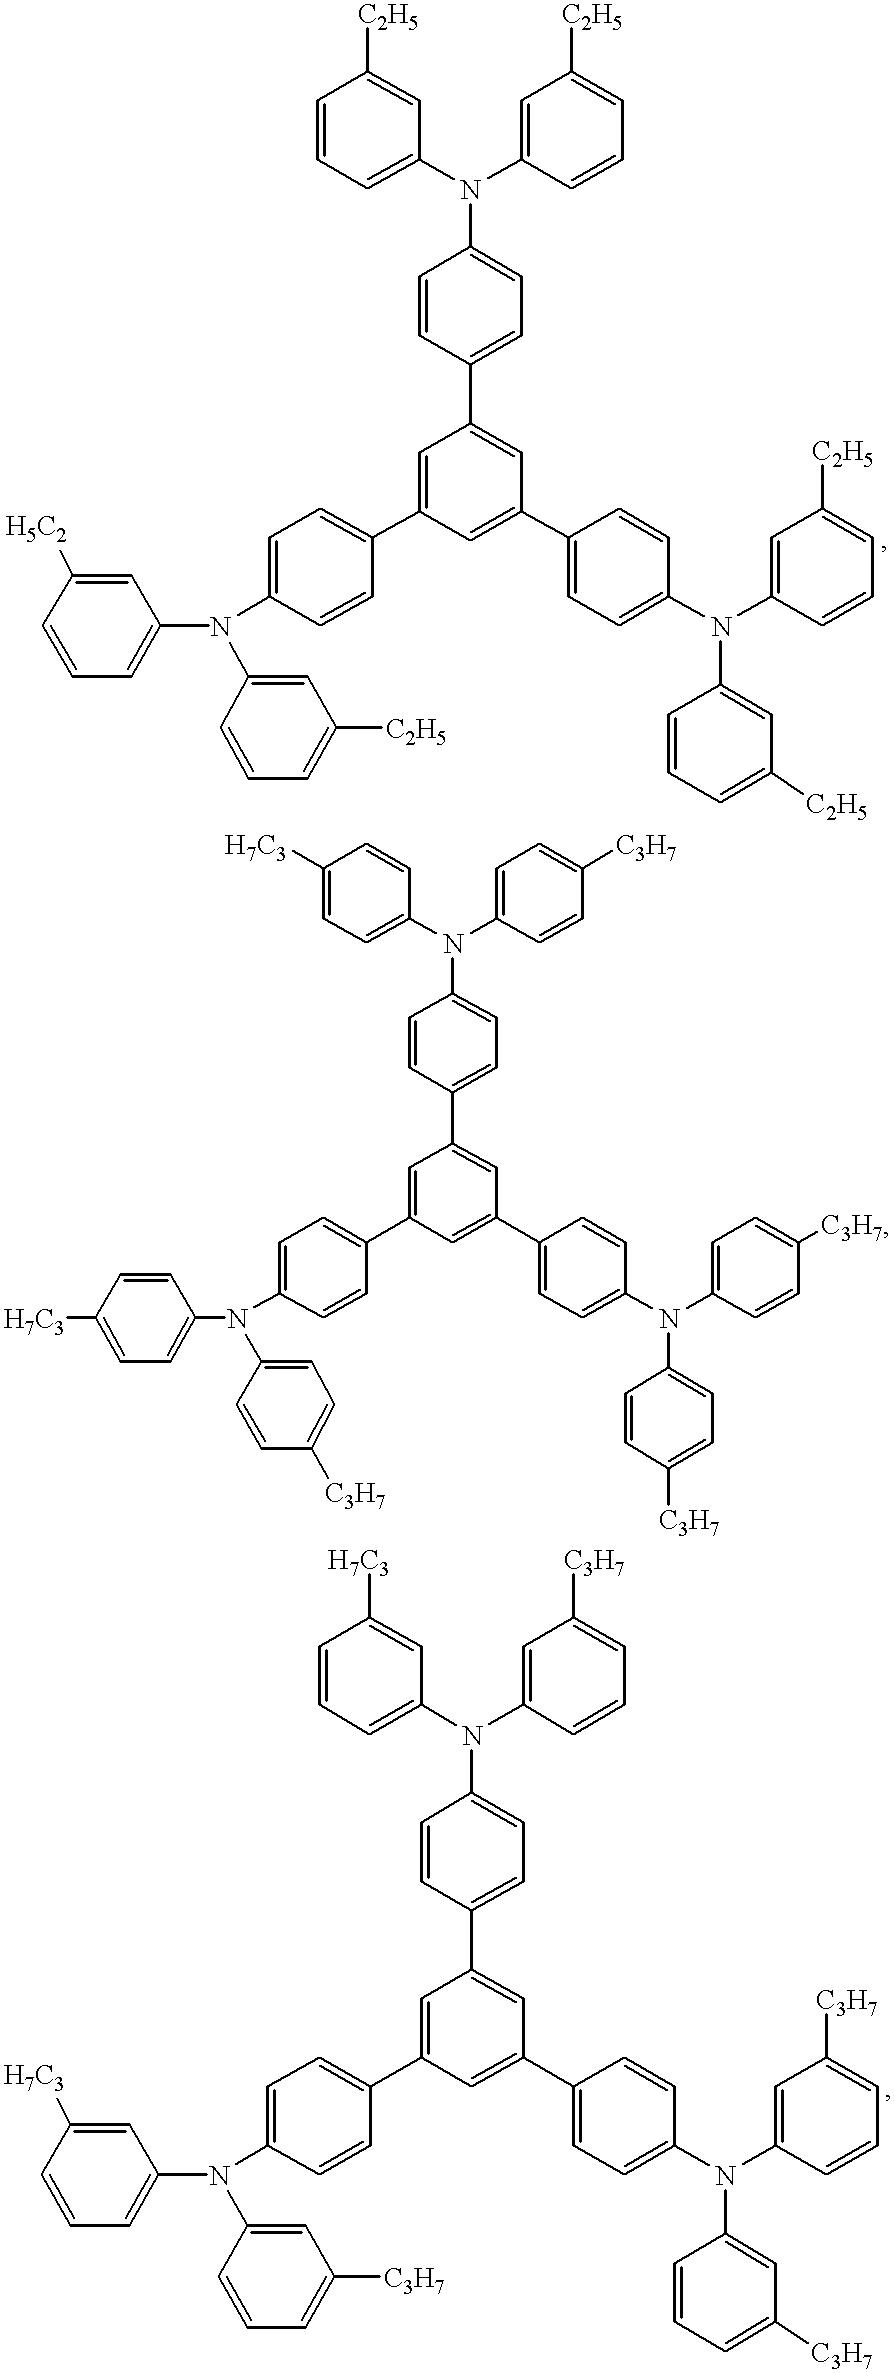 Figure US06368731-20020409-C00032